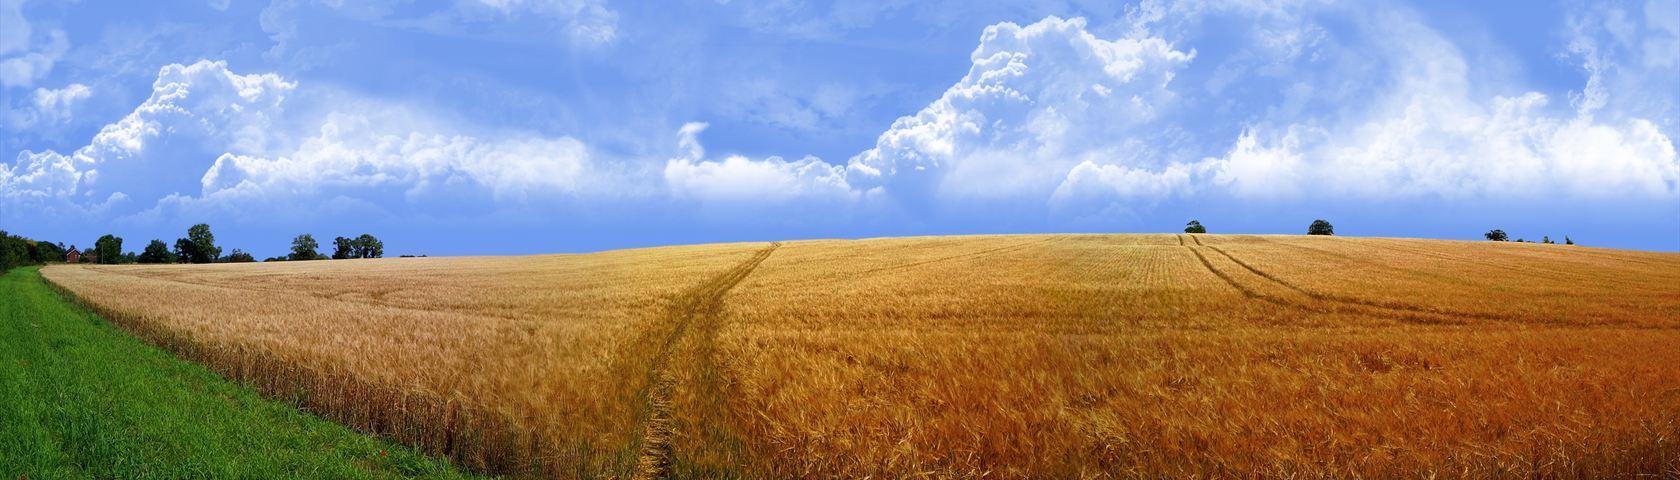 Endless Golden Field